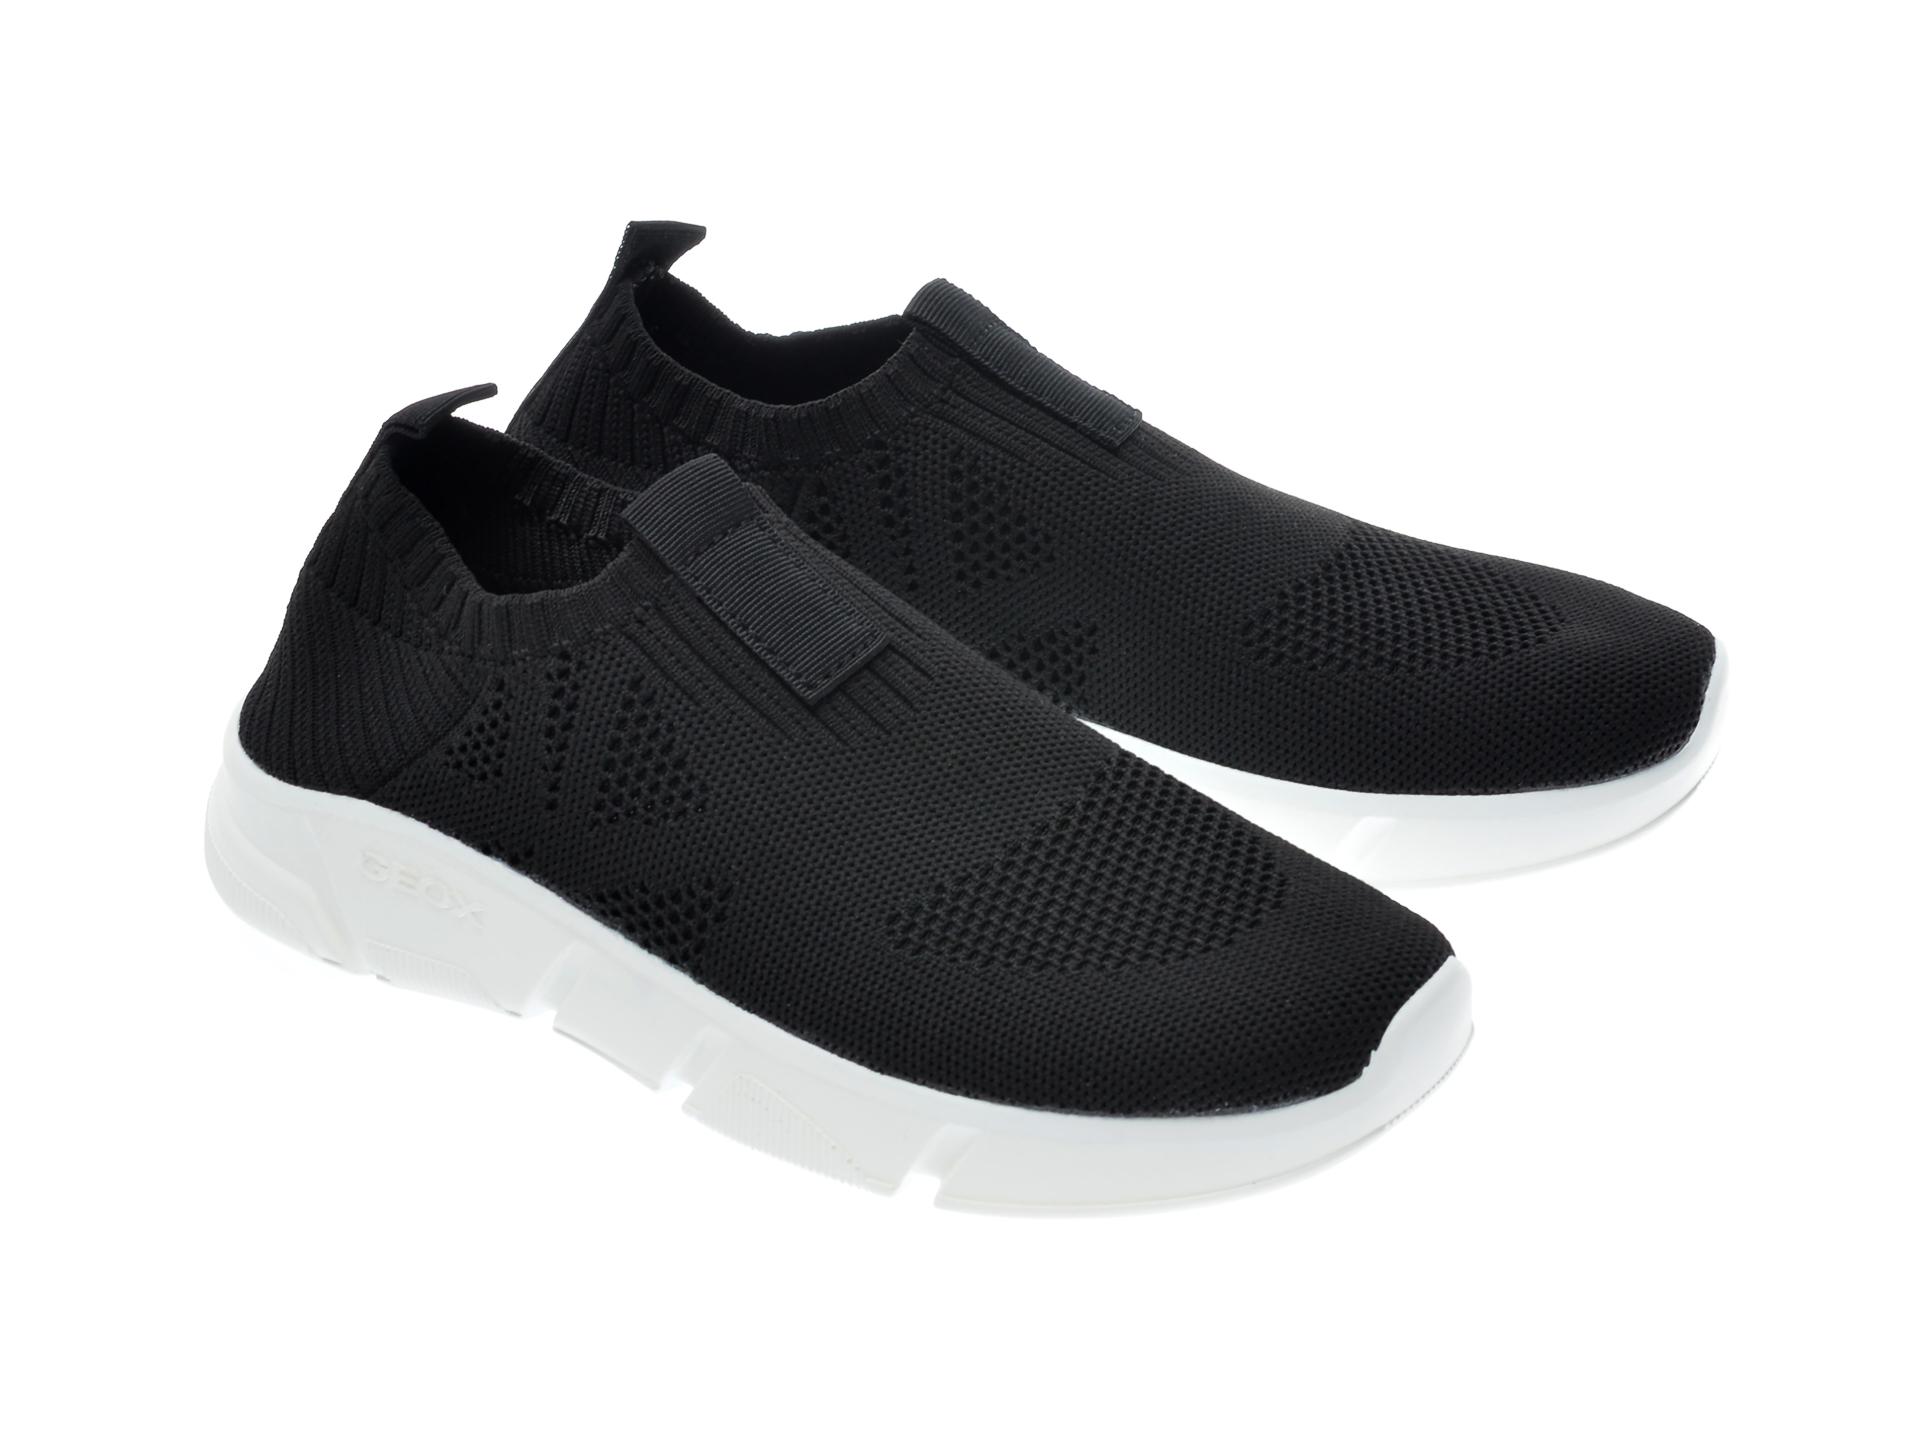 Pantofi sport GEOX negri, J02DMA, din material textil - 4